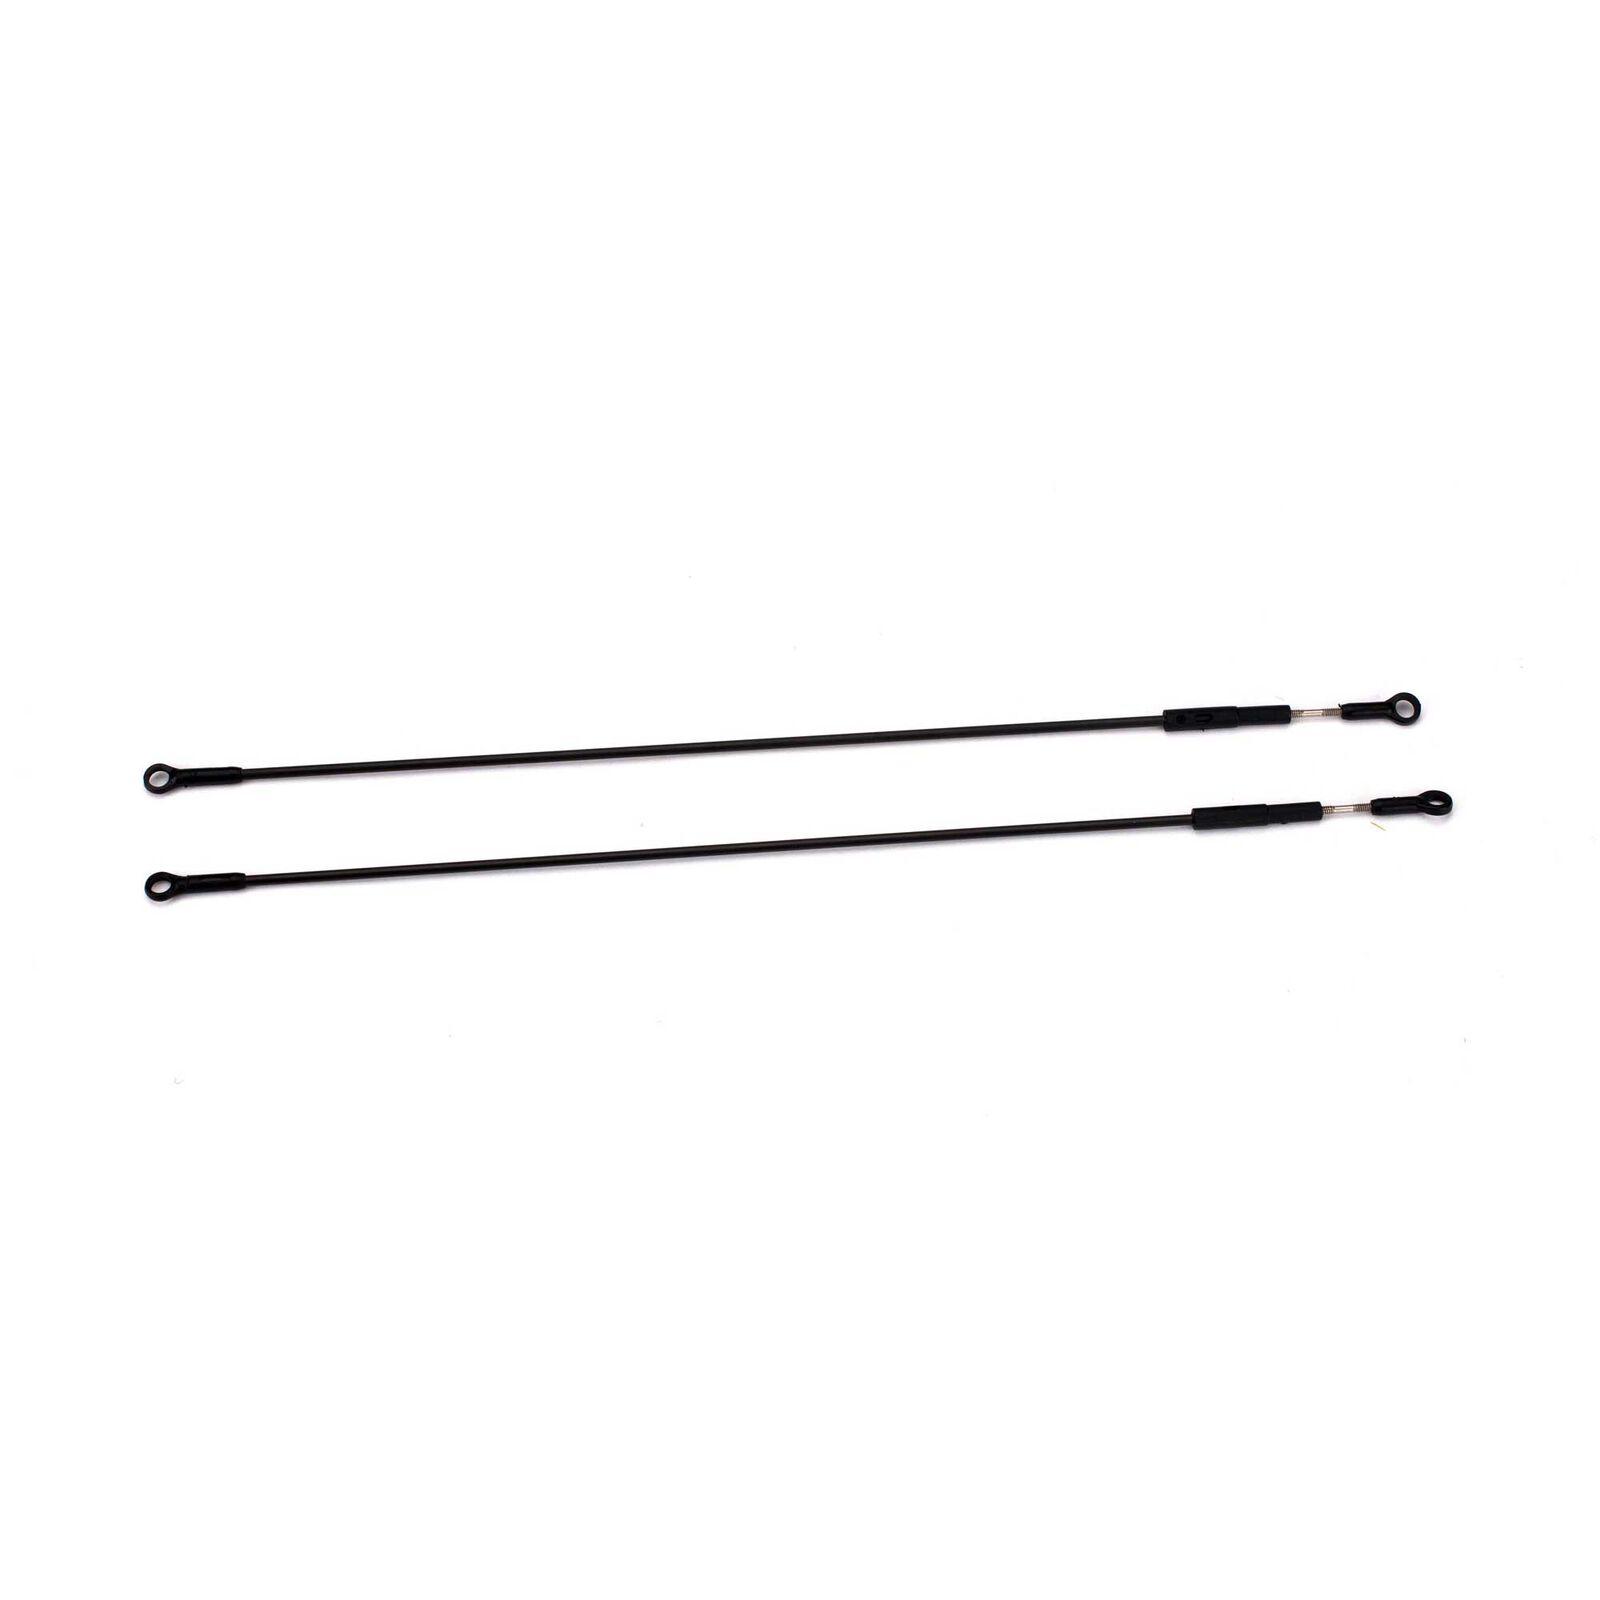 B300X -Biellettes d'anticouple (2)